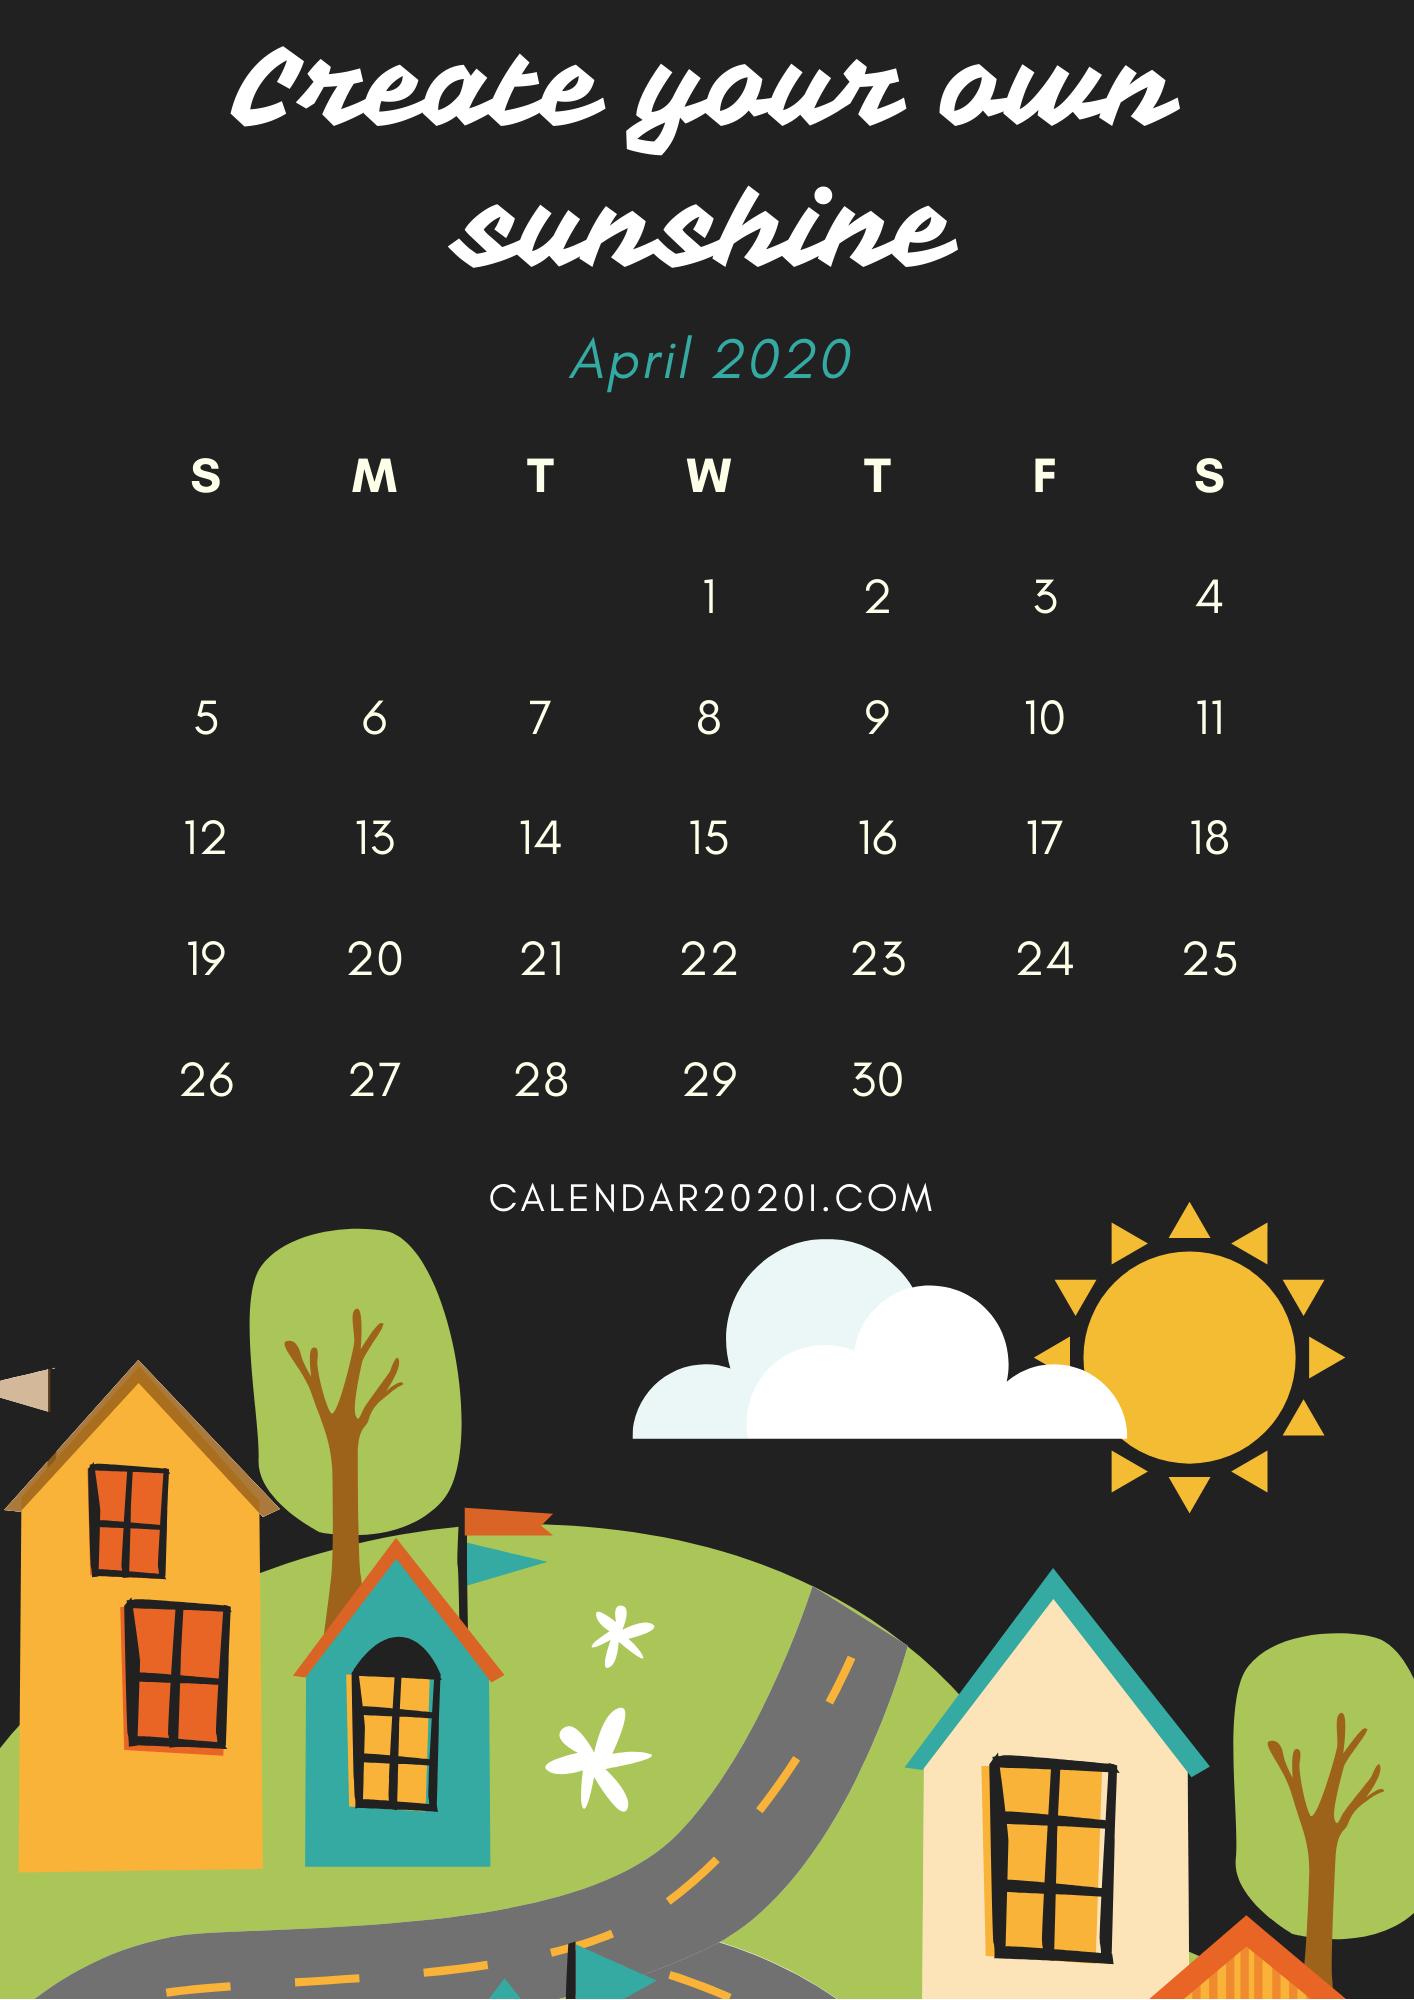 Inspiring April 2020 Calendar With Quotes | Calendar 2020 Regarding April Calendar Quotes And Sayings